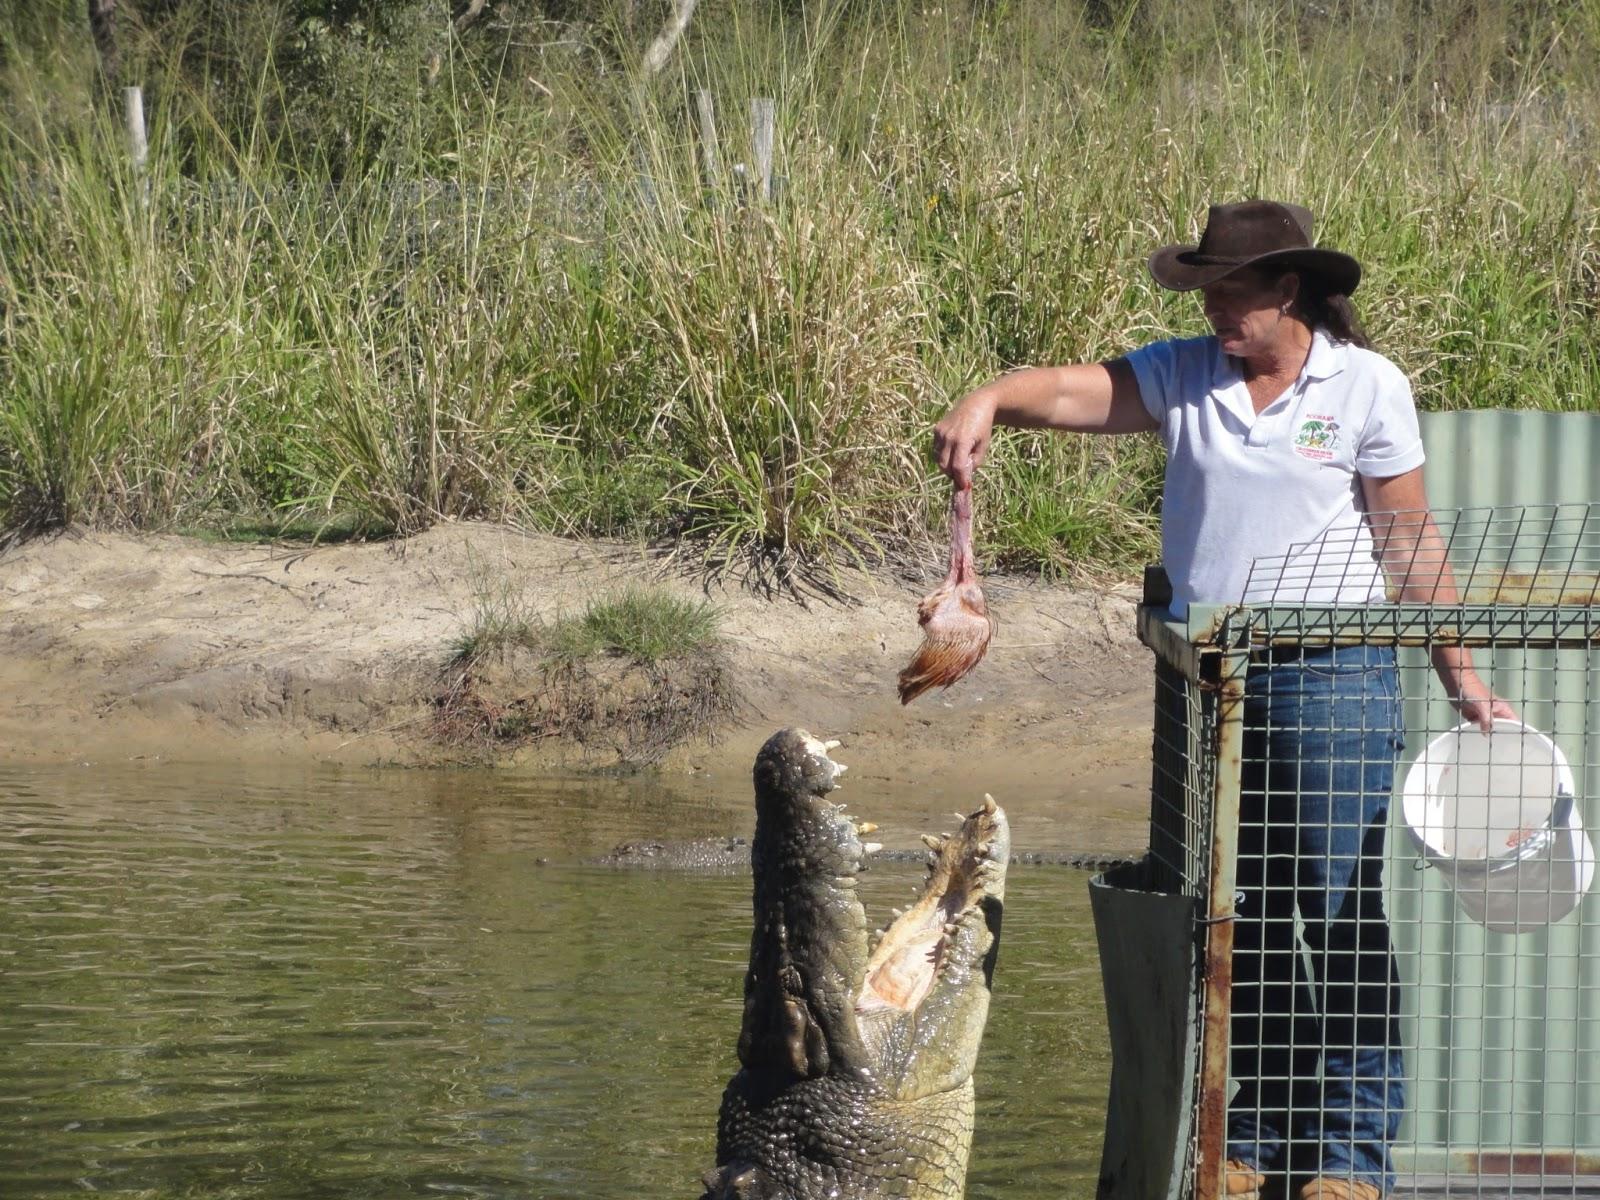 unterschied zwischen krokodil und alligator